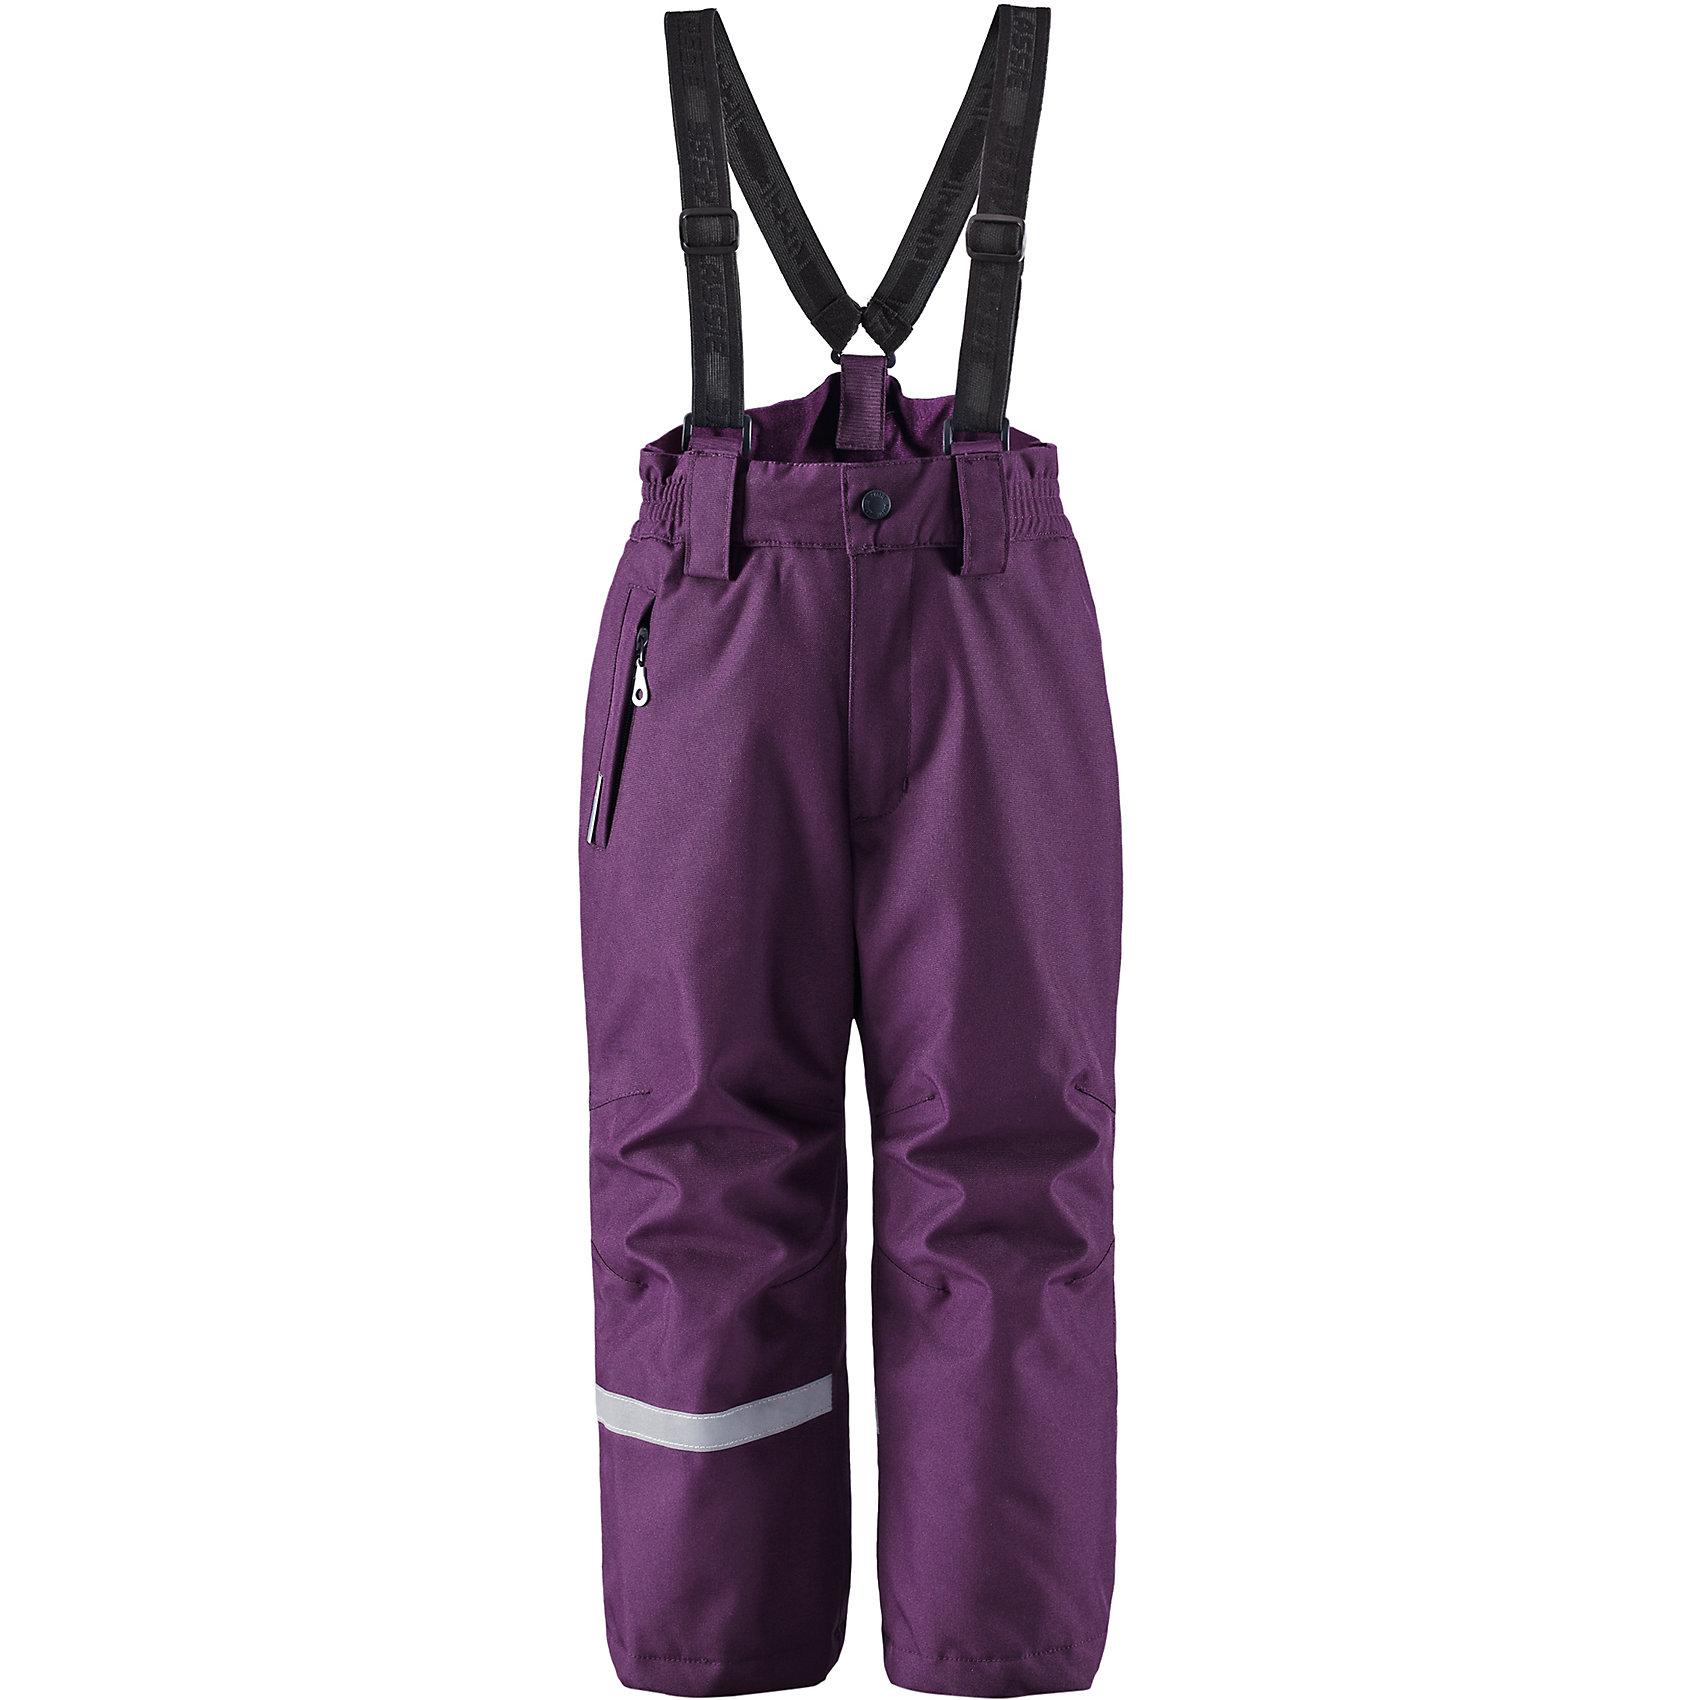 Брюки для девочки LASSIEОдежда<br>Зимние брюки для детей Lassietec®. <br><br>- Прочный материал. Водо- и ветронепроницаемый, «дышащий» и грязеотталкивающий материал. <br>- Внешние швы проклеены. <br>- Гладкая подкладка из полиэстра. <br>- Средняя степень утепления.<br>-  Эластичная талия. <br>- Снегозащитные манжеты на штанинах. <br>- Ширинка на молнии. <br>- Карман на молнии. <br>- Регулируемые и отстегивающиеся эластичные подтяжки. <br><br>Рекомендации по уходу: Стирать по отдельности, вывернув наизнанку. Застегнуть молнии и липучки. Соблюдать температуру в соответствии с руководством по уходу. Стирать моющим средством, не содержащим отбеливающие вещества. Полоскать без специального средства. Сушение в сушильном шкафу разрешено при  низкой температуре.<br><br>Состав: 100% Полиамид, полиуретановое покрытие.  Утеплитель «Lassie wadding» 100гр.<br><br>Ширина мм: 215<br>Глубина мм: 88<br>Высота мм: 191<br>Вес г: 336<br>Цвет: фиолетовый<br>Возраст от месяцев: 18<br>Возраст до месяцев: 24<br>Пол: Женский<br>Возраст: Детский<br>Размер: 92,140,128,98,104,110,116,122,134<br>SKU: 4781846